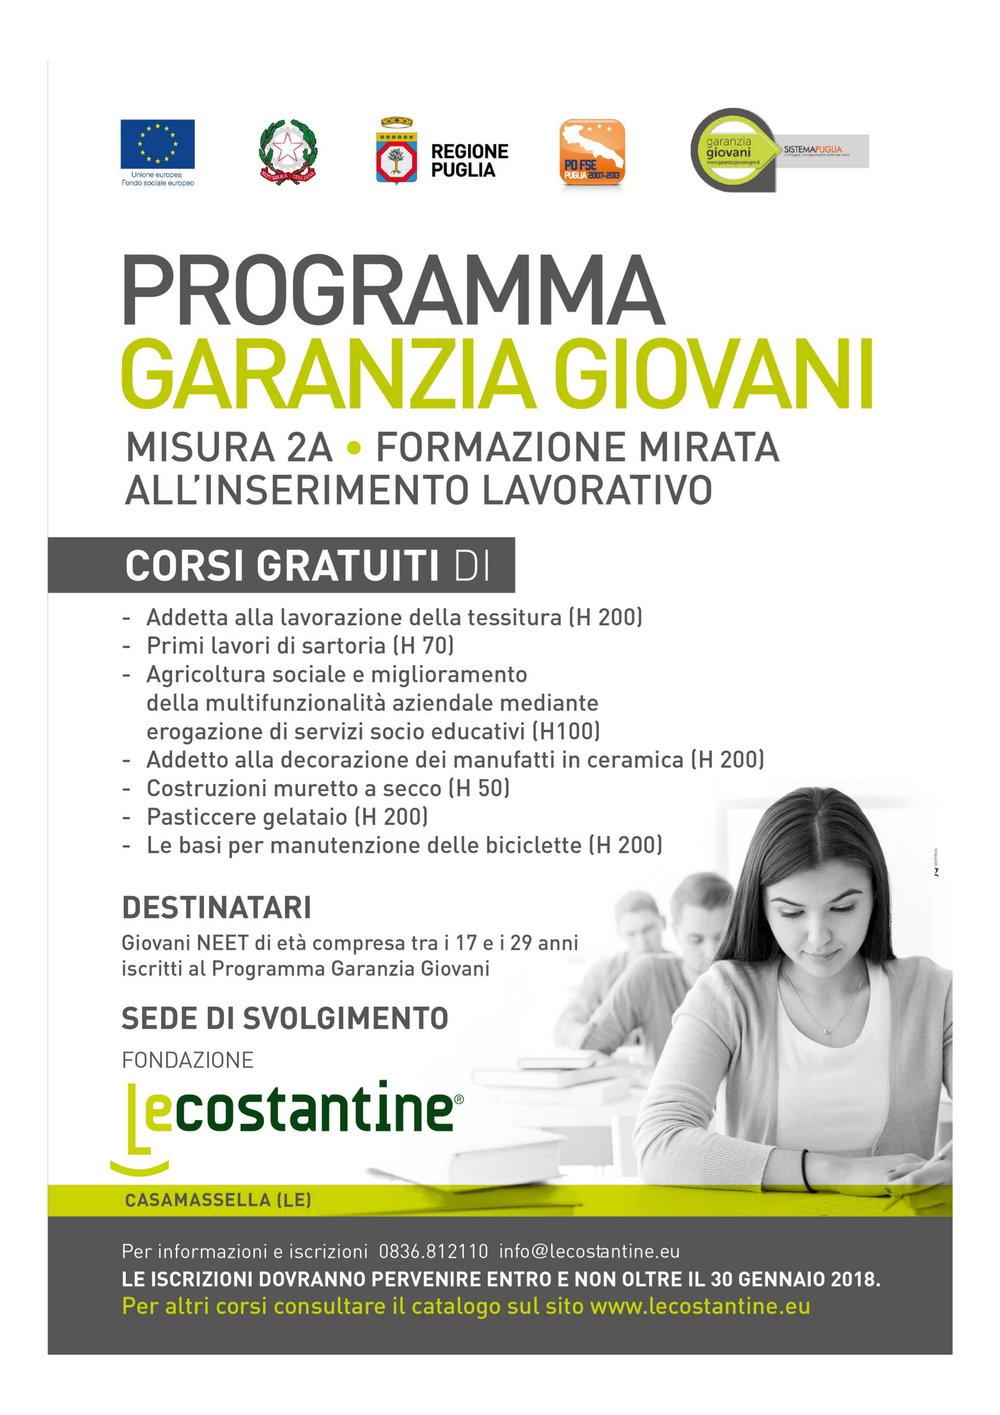 Programma Garanzia Giovani  Misura 2A - Formazione mirata all'inserimento lavorativo.jpg